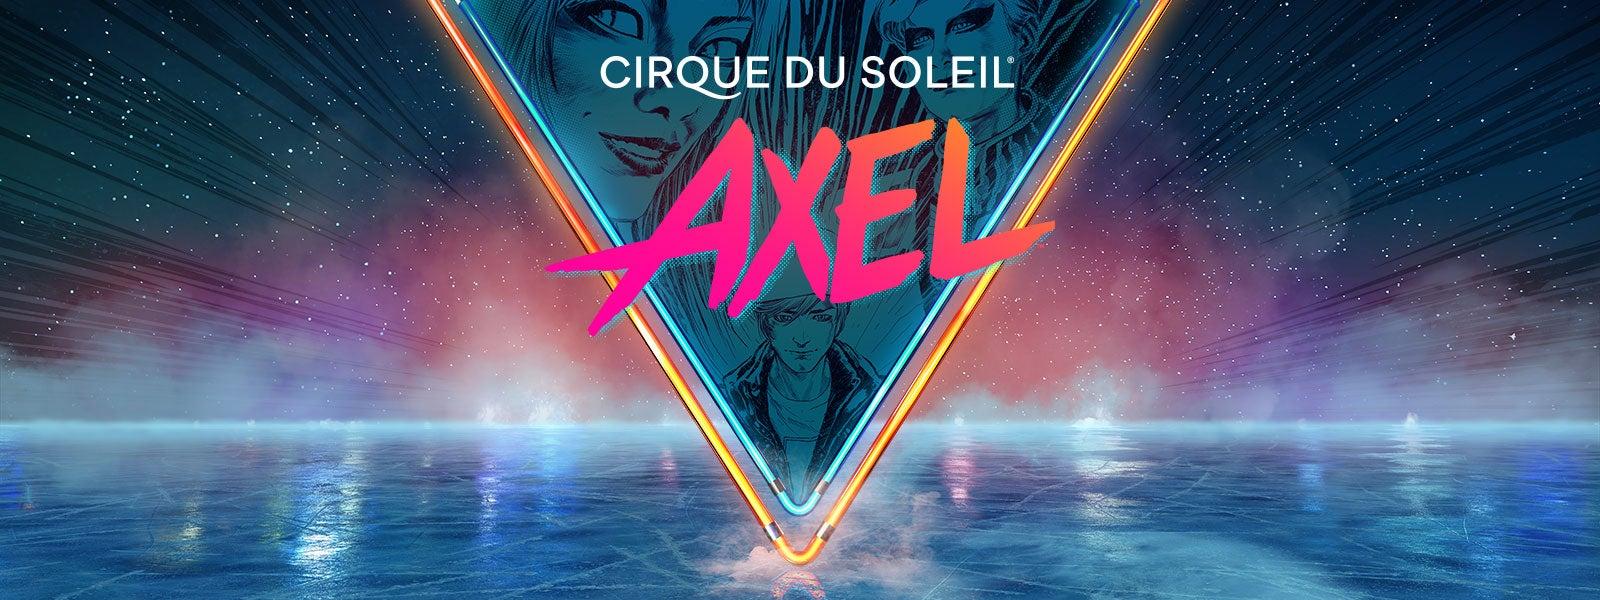 Cirque du Soleil presents Axel